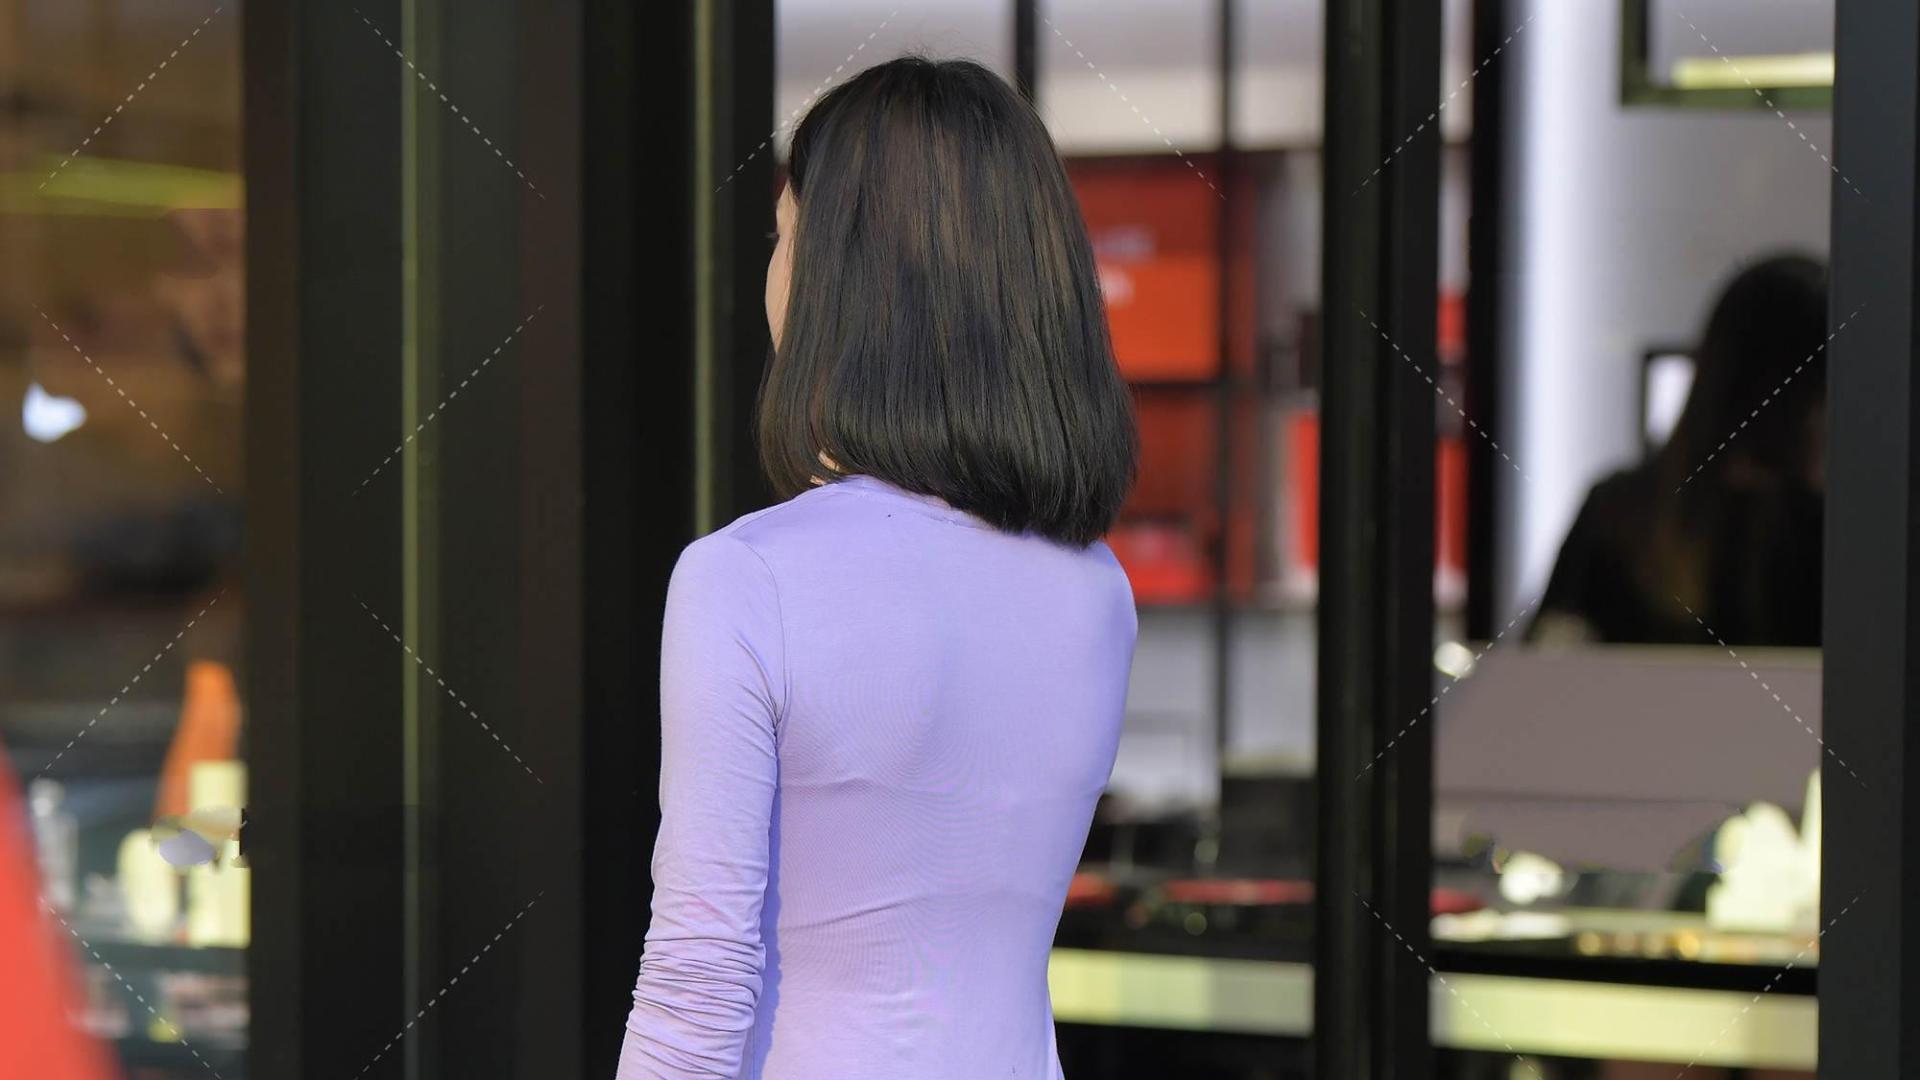 淡紫色长袖长裙子,宽松下摆,优雅静谧